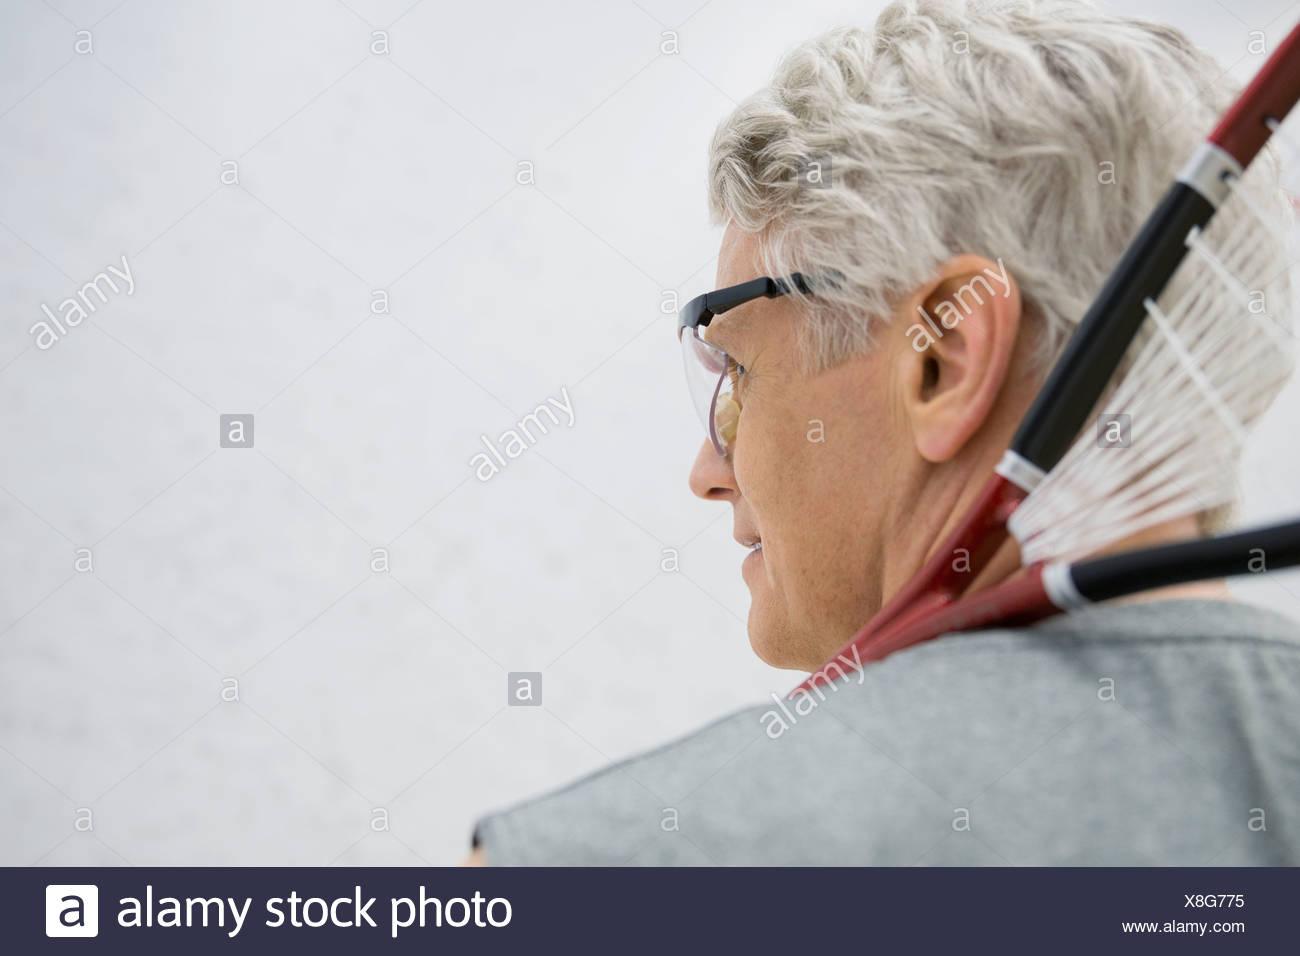 Uomo in azienda gli occhiali per racchette da squash Immagini Stock